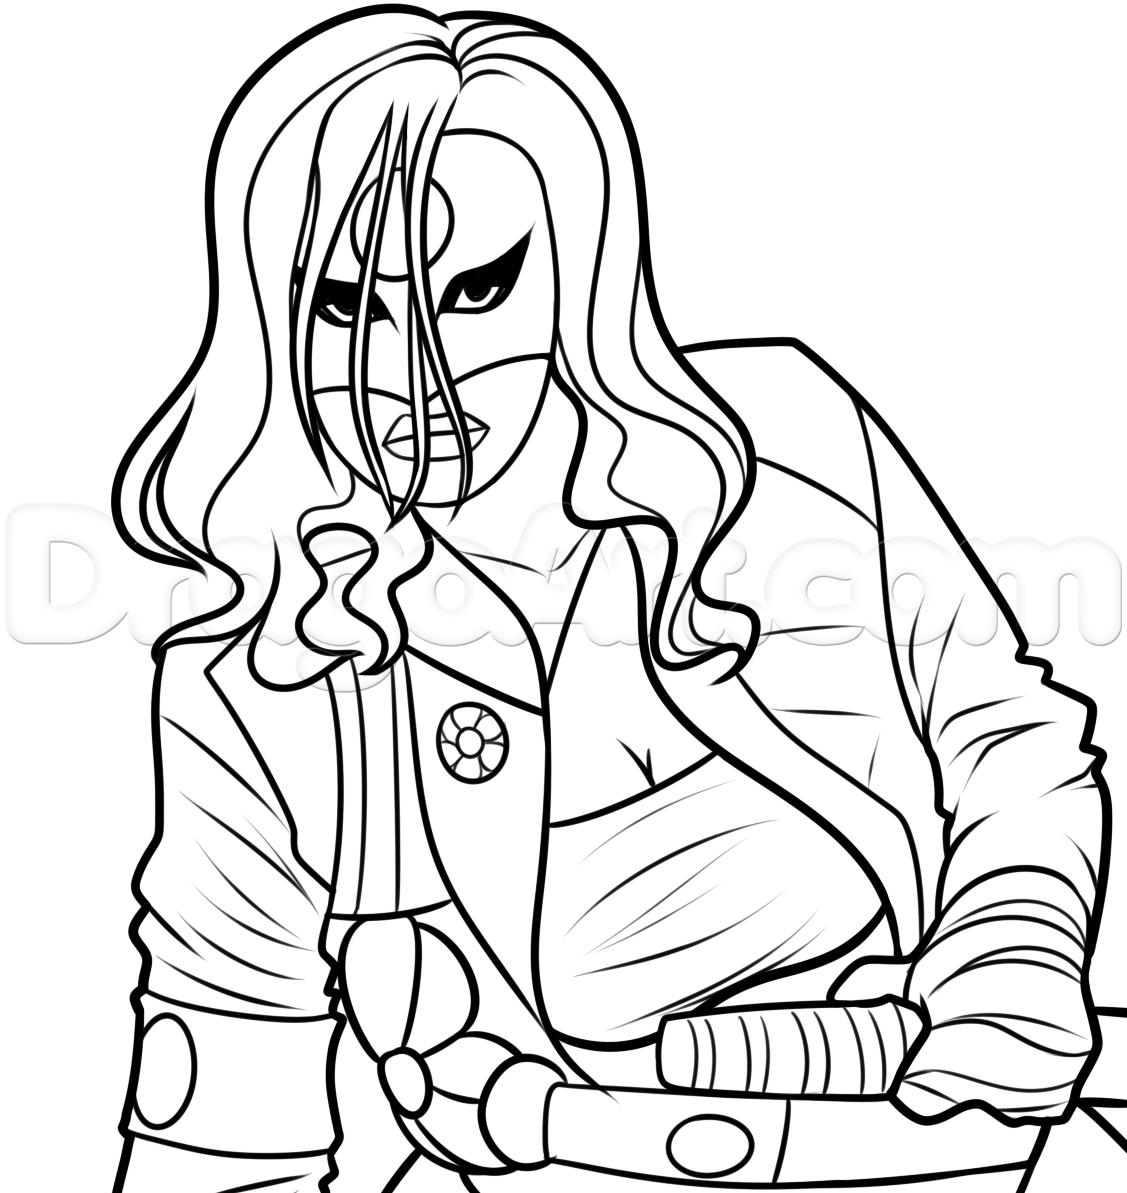 Katana coloring #10, Download drawings